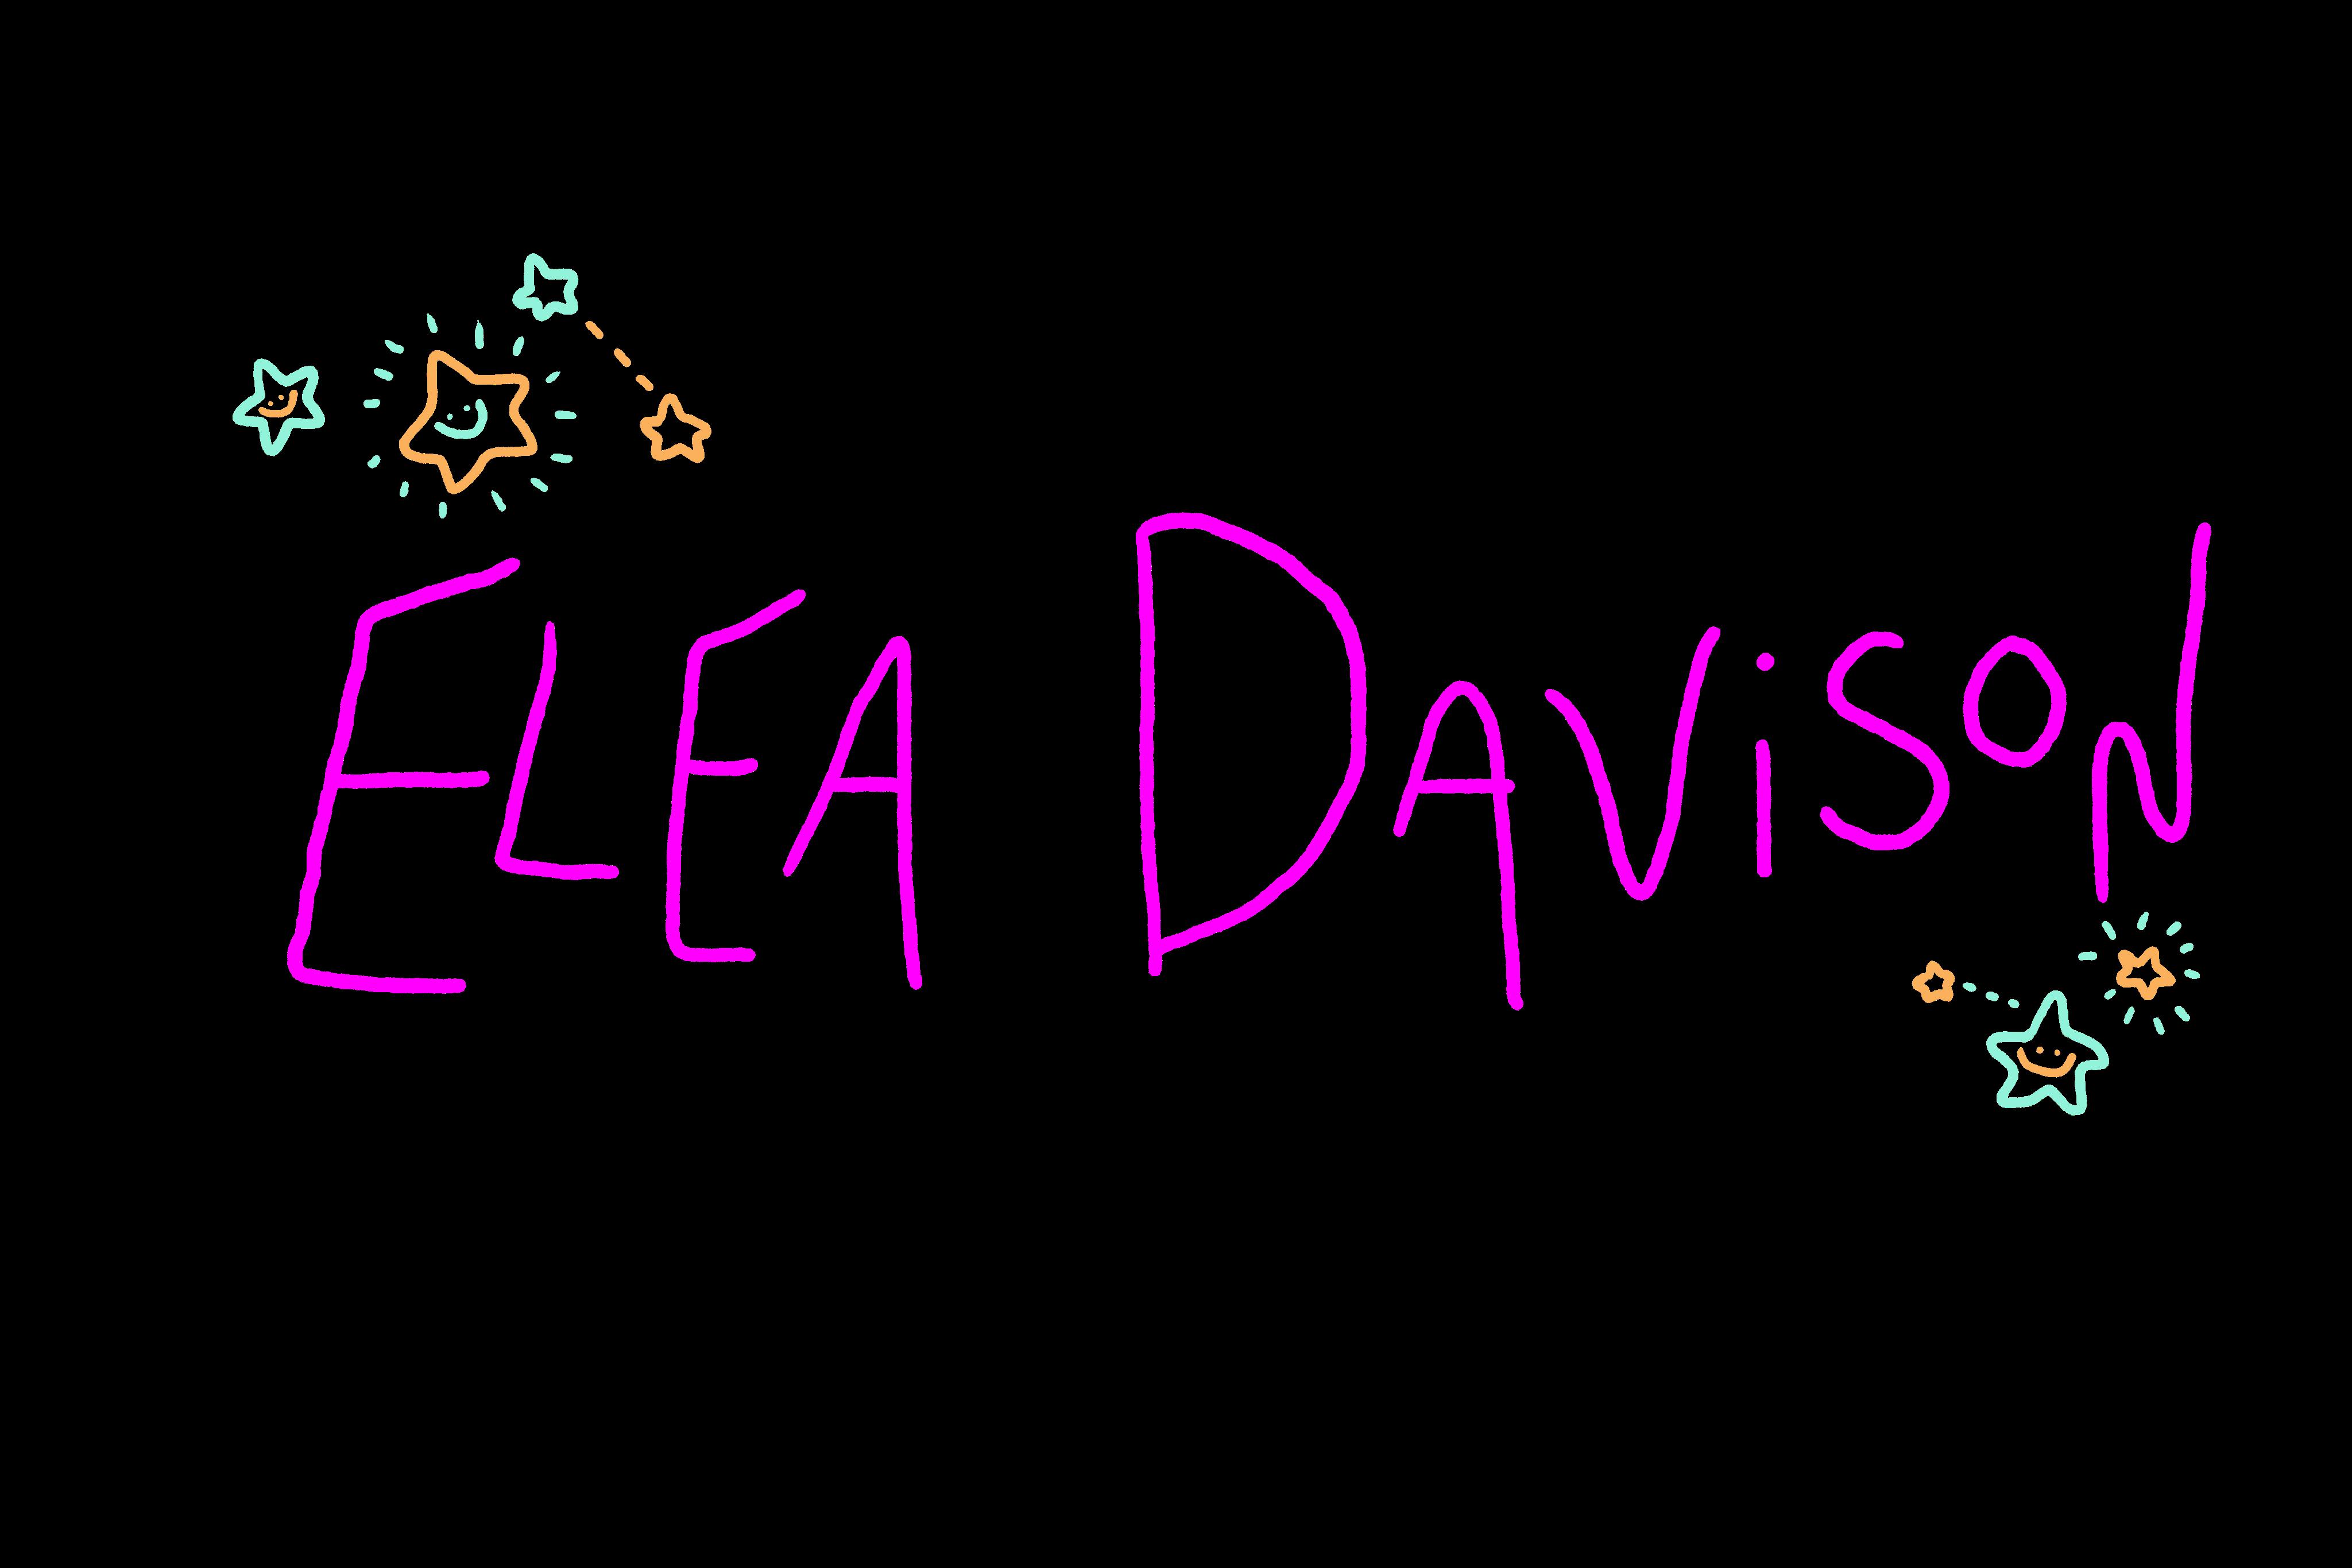 Elea Davison